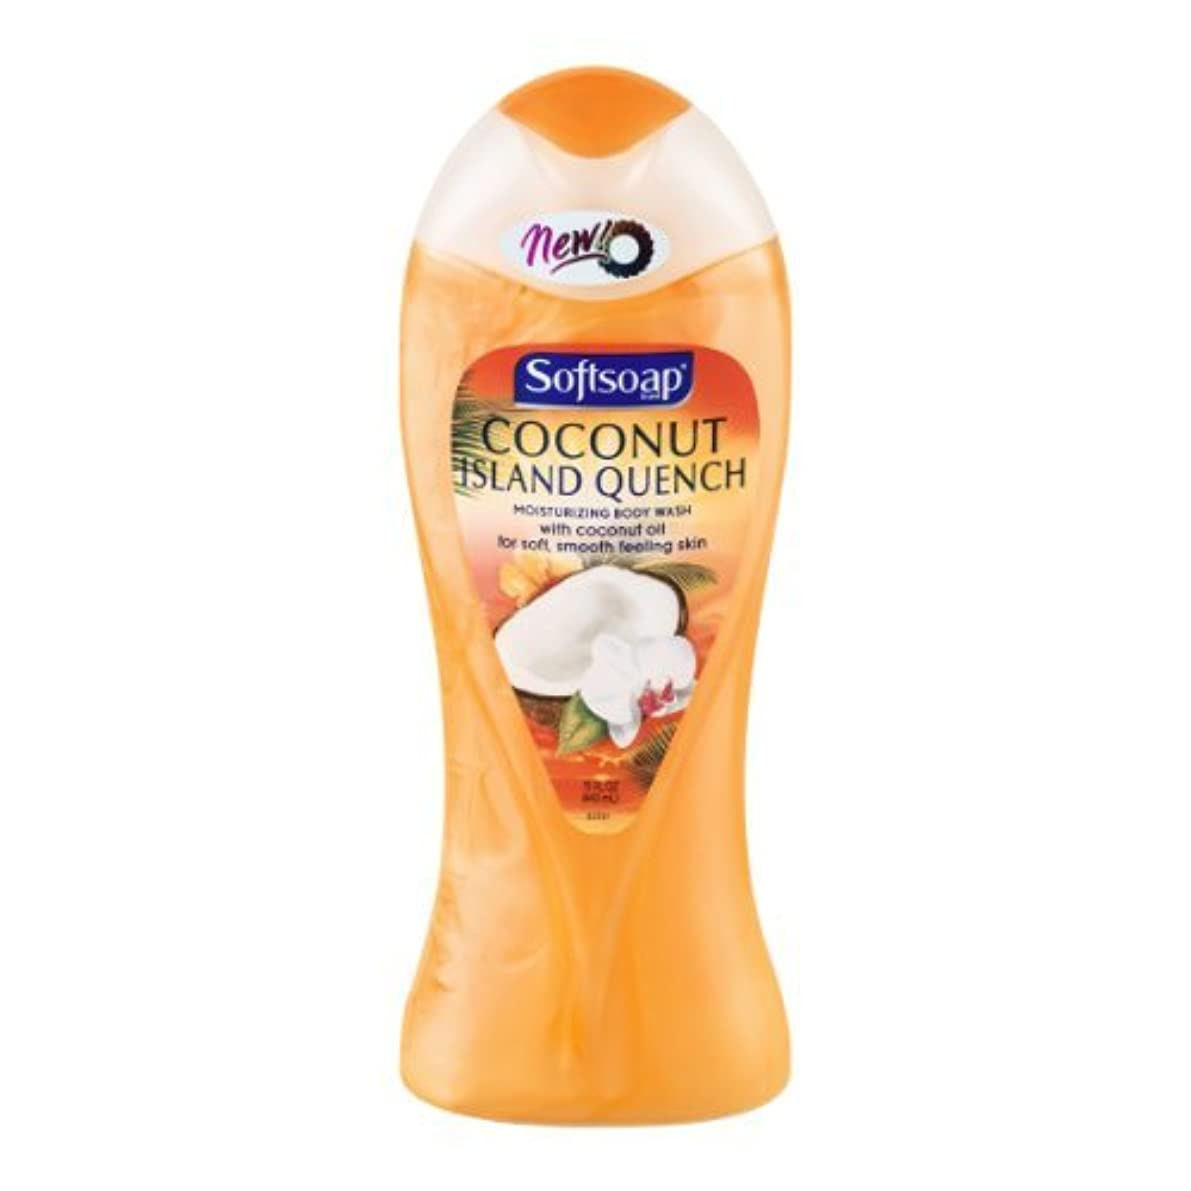 溶けたおそらくこどもセンターSoftsoap Moisturizing Body Wash Coconut Island Quench, 15 OZ (Pack of 6) by Softsoap